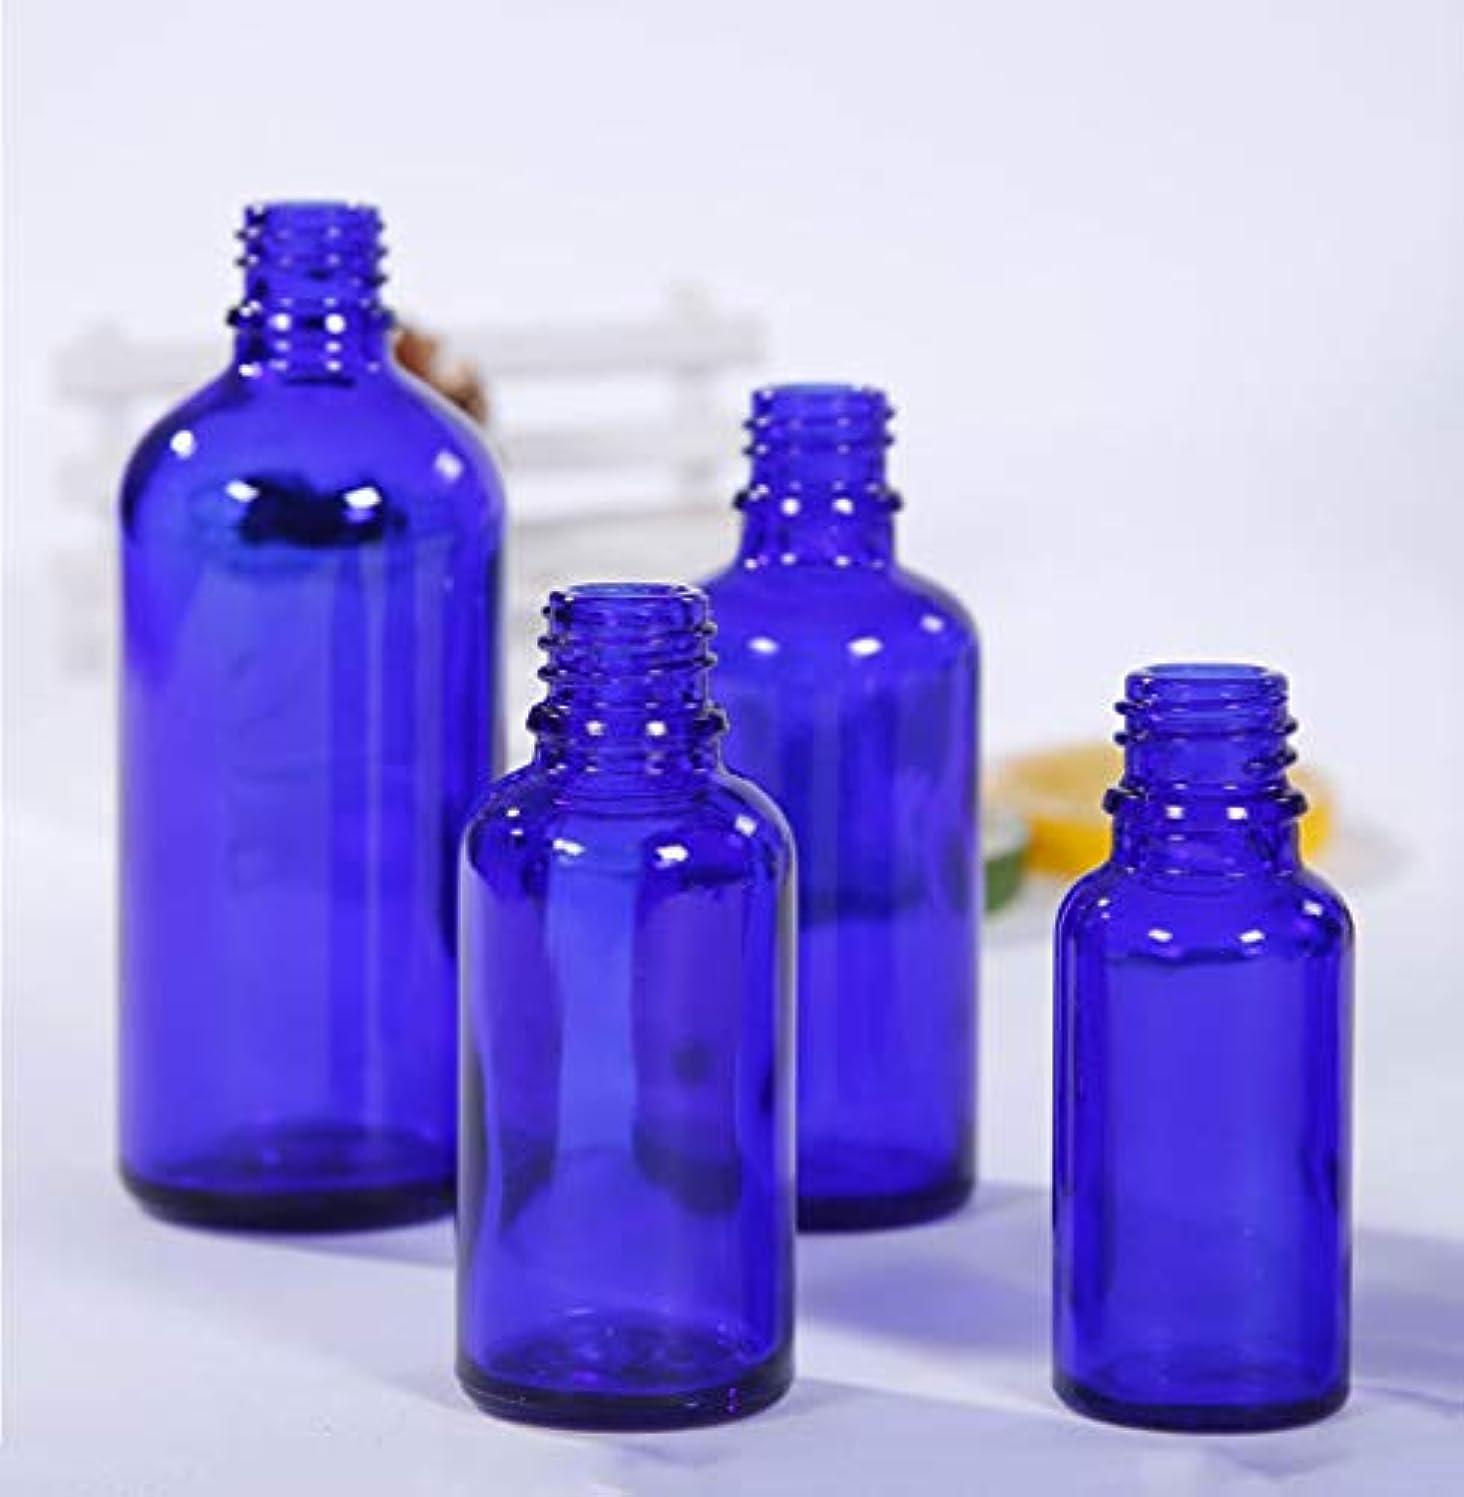 転倒干し草氏Morino ガラスボトル スポイト 詰め替え容器 化粧品 遮光 アロマオイル 精油 小分け 7サイズセット (青色)